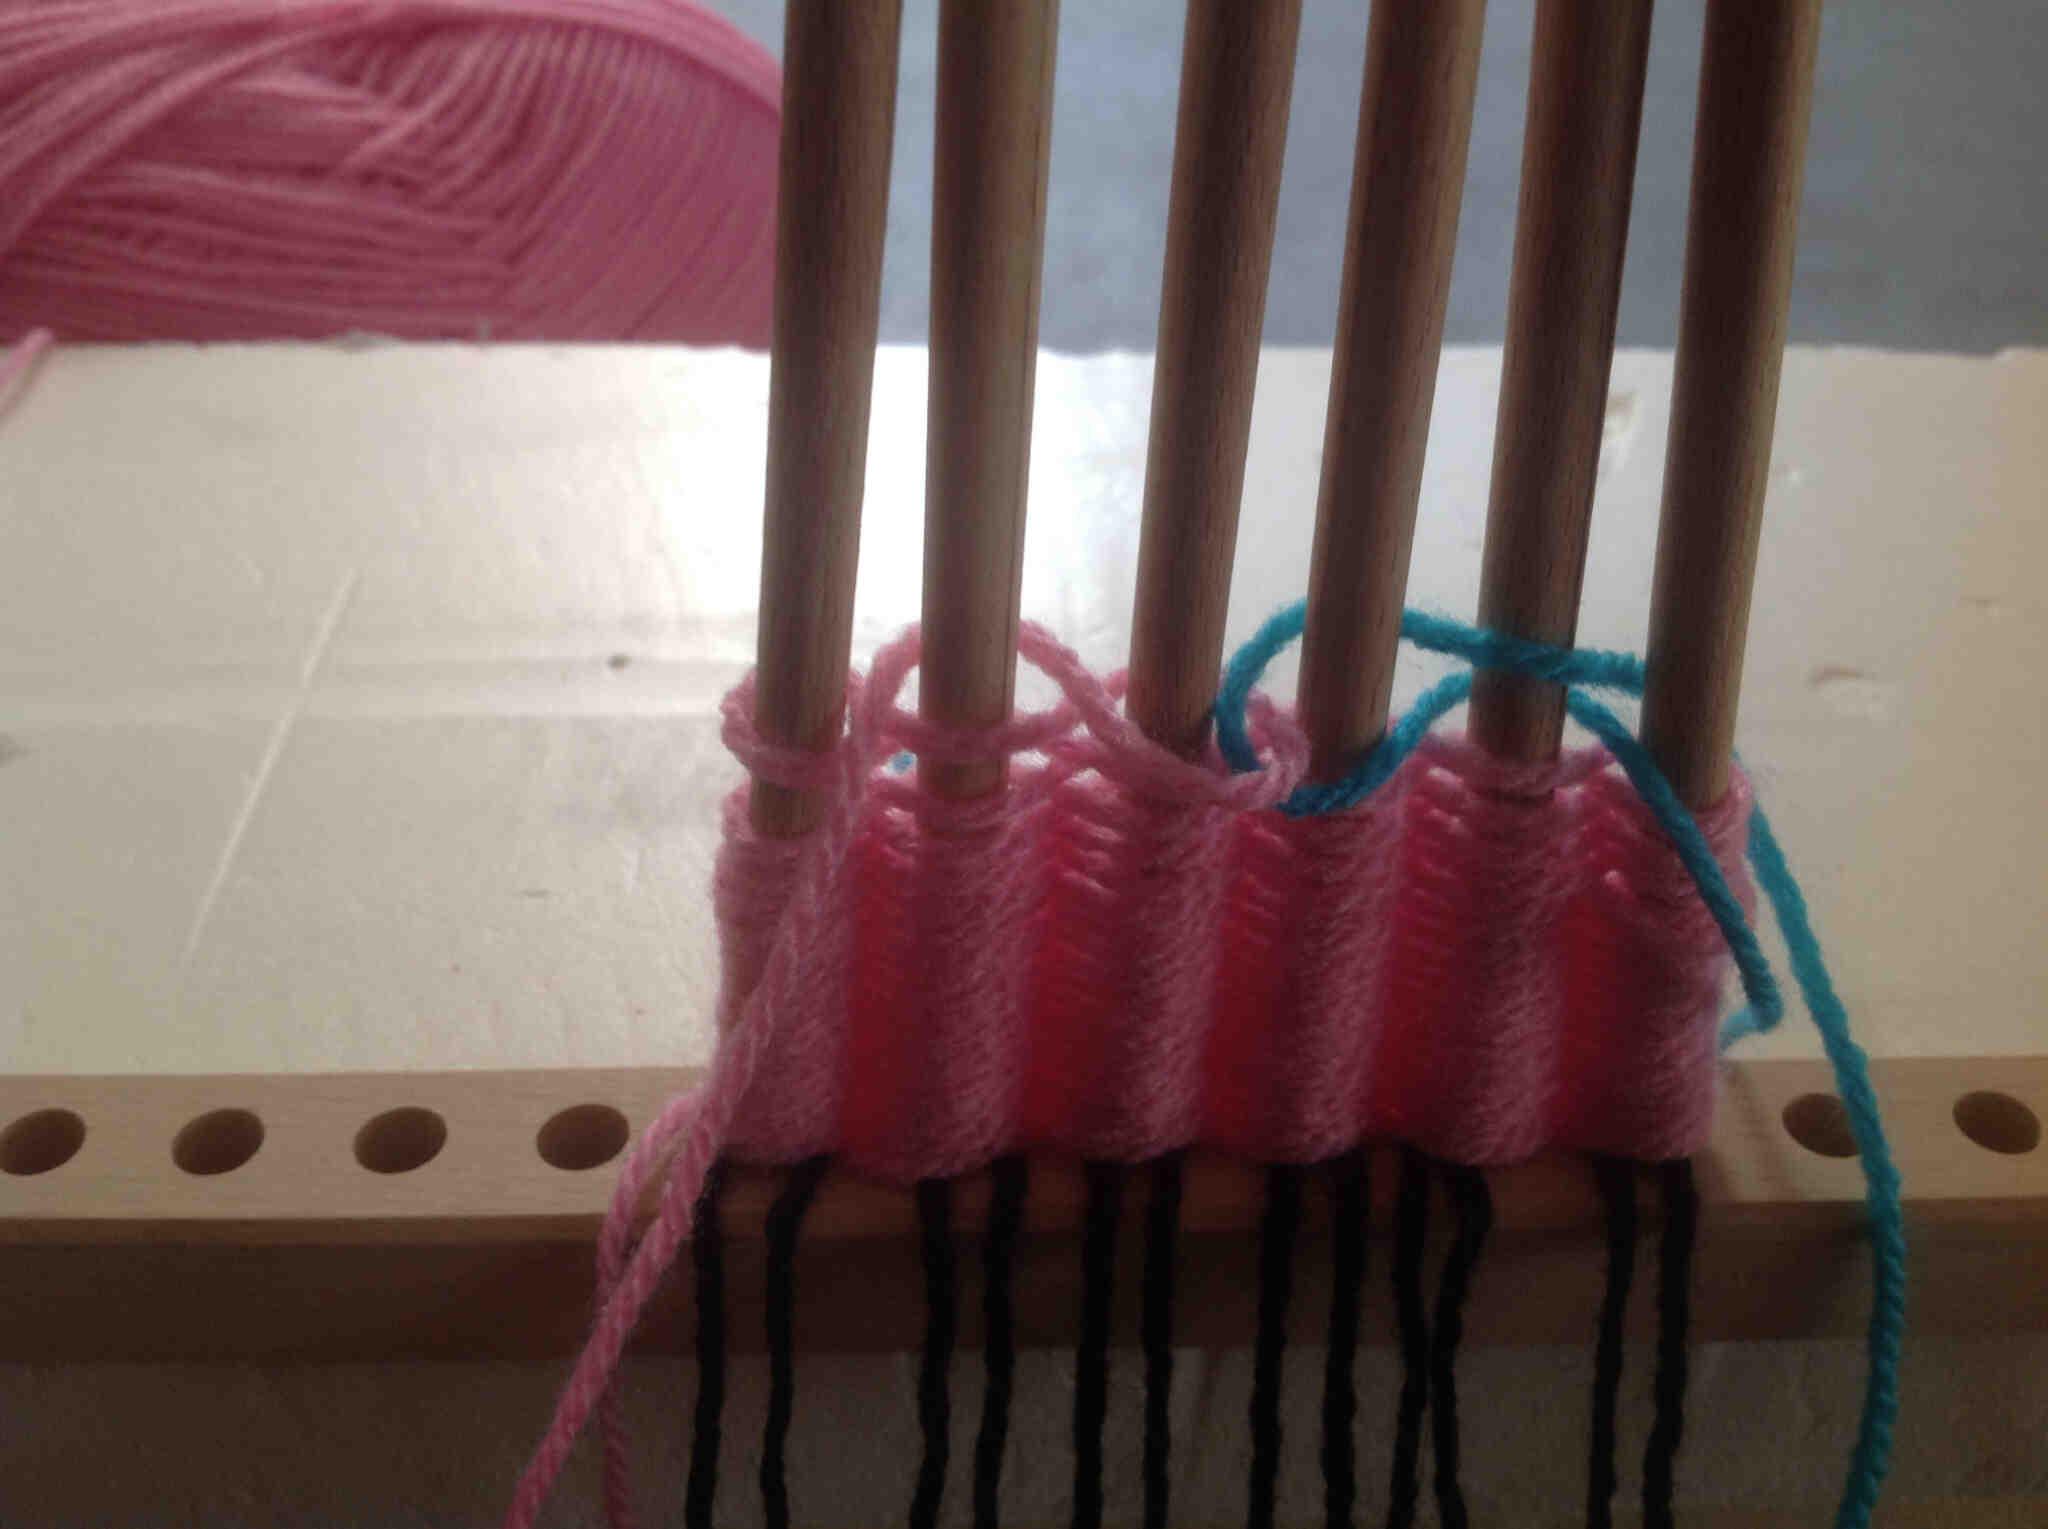 Comment faire un beau jacquard tricoté?